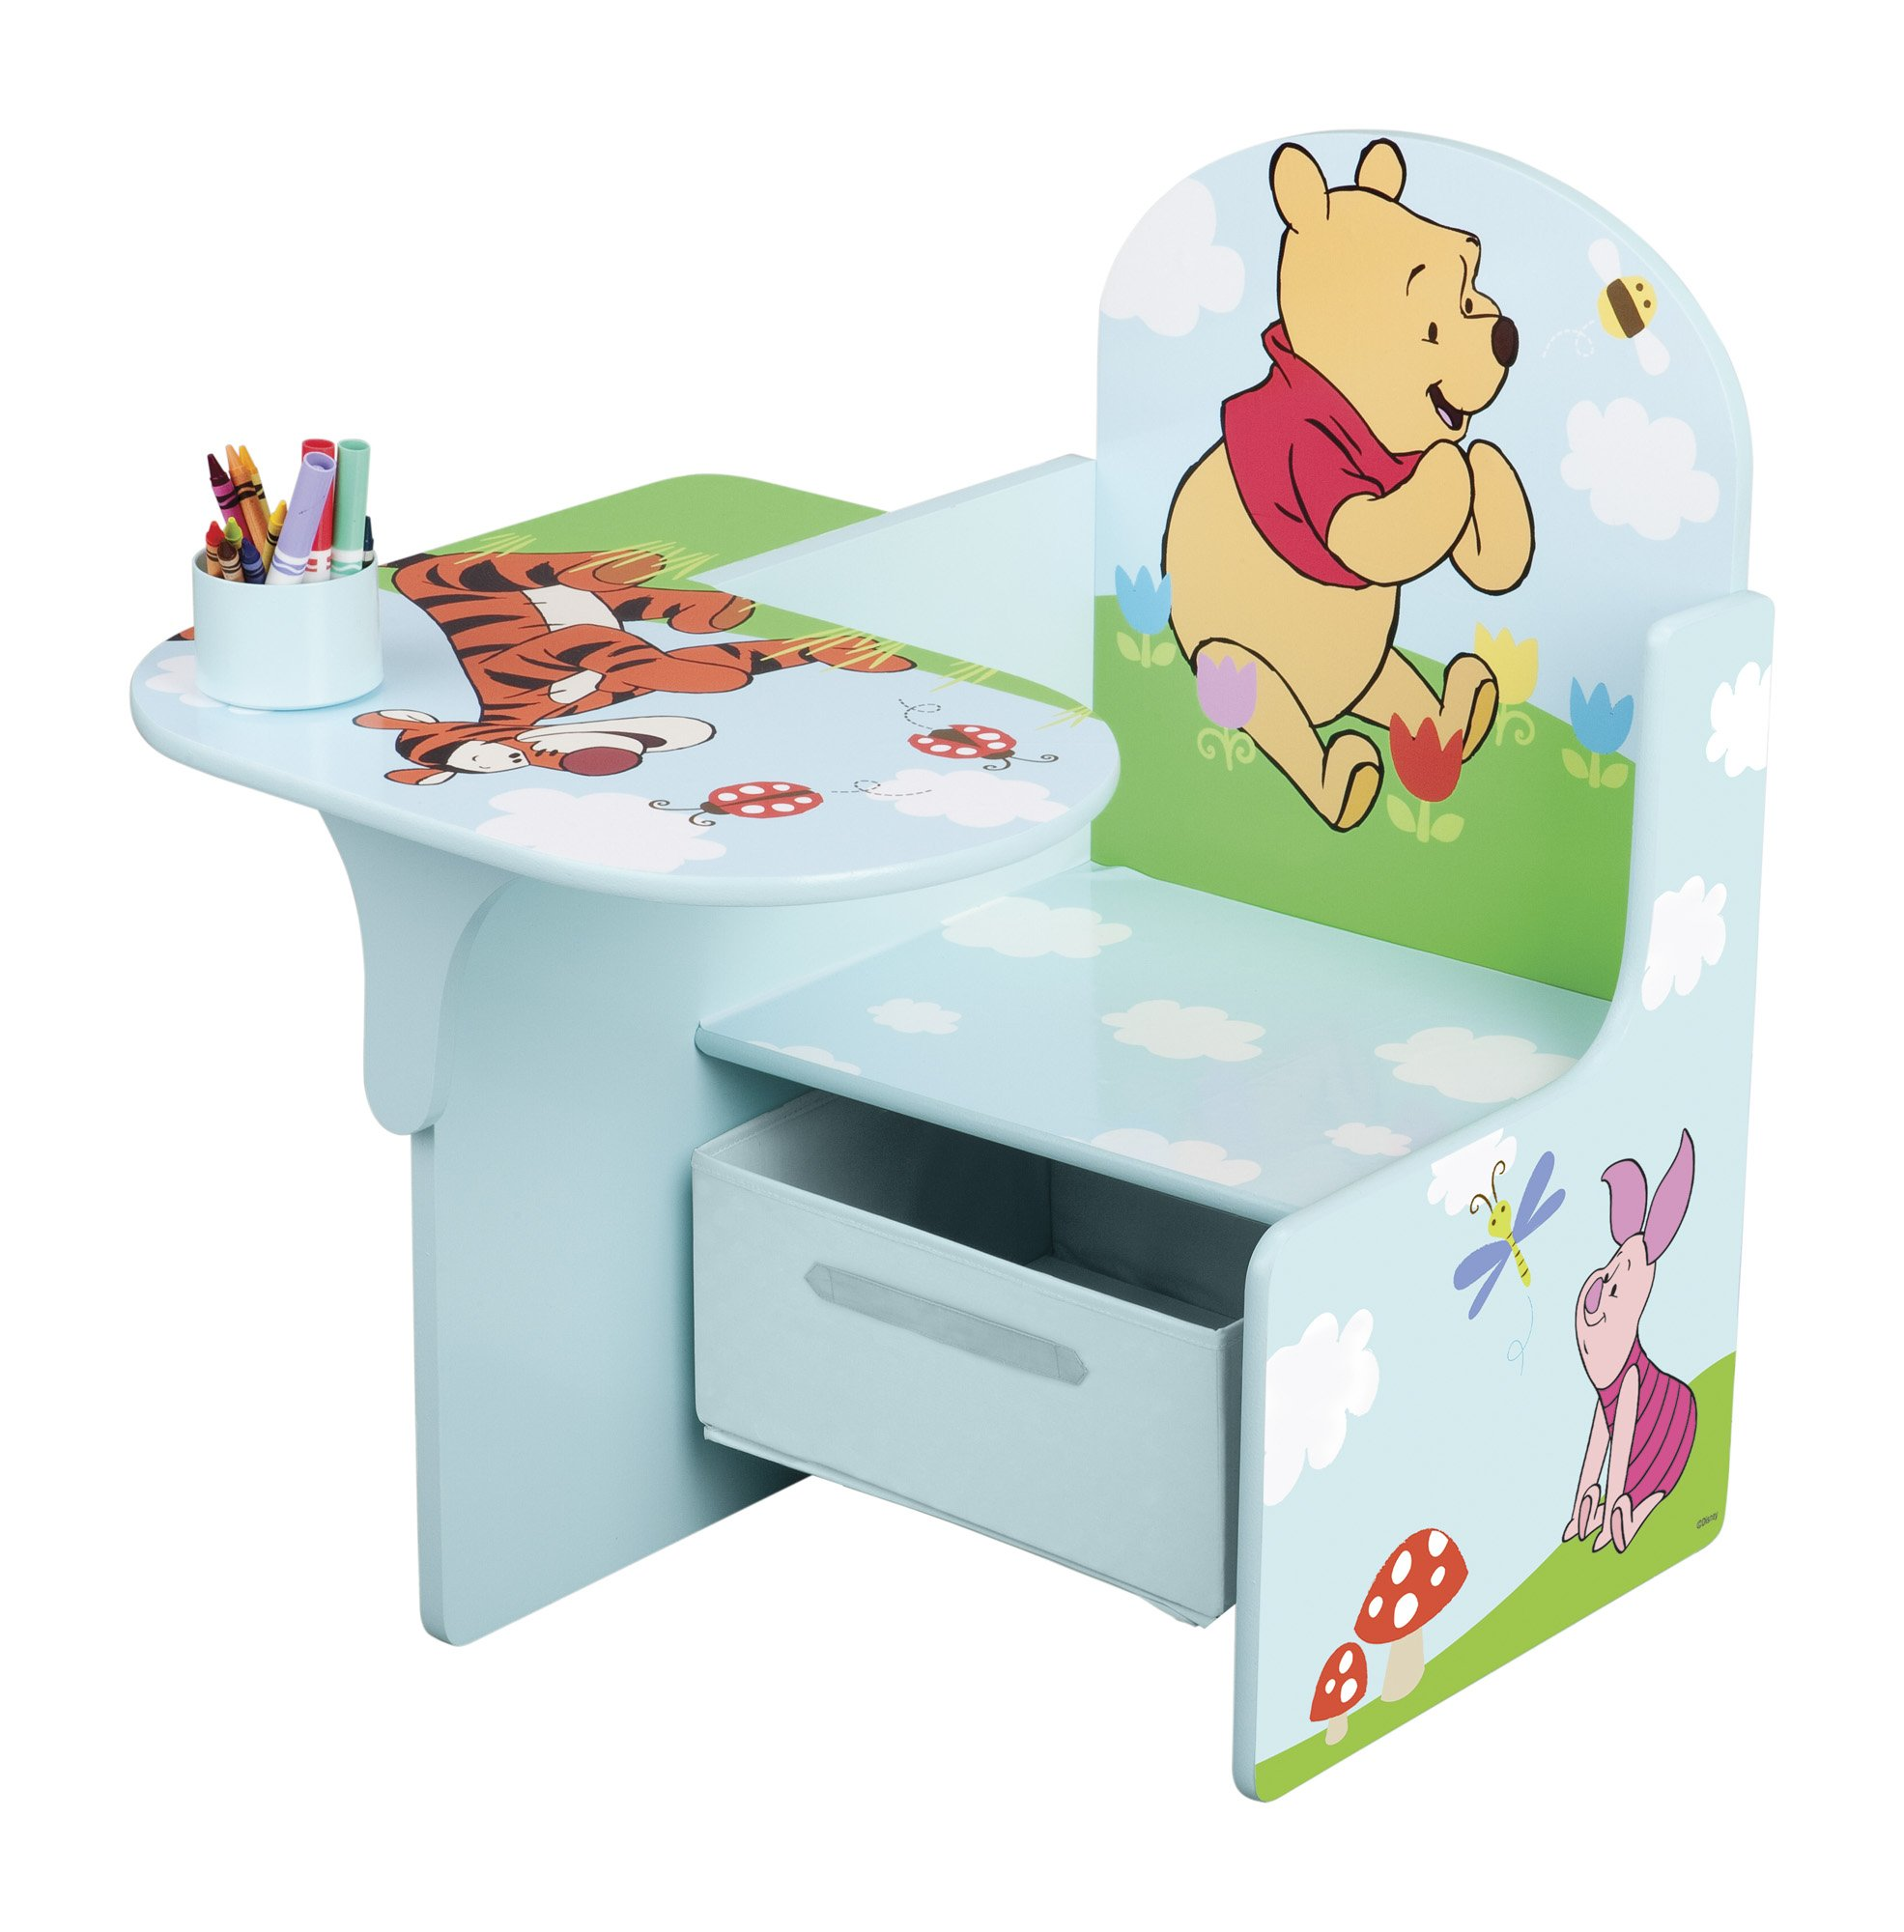 Delta, Poltroncina per bambini con tavolino laterale Winnie the Pooh in MDF, cassetto in canvas product image